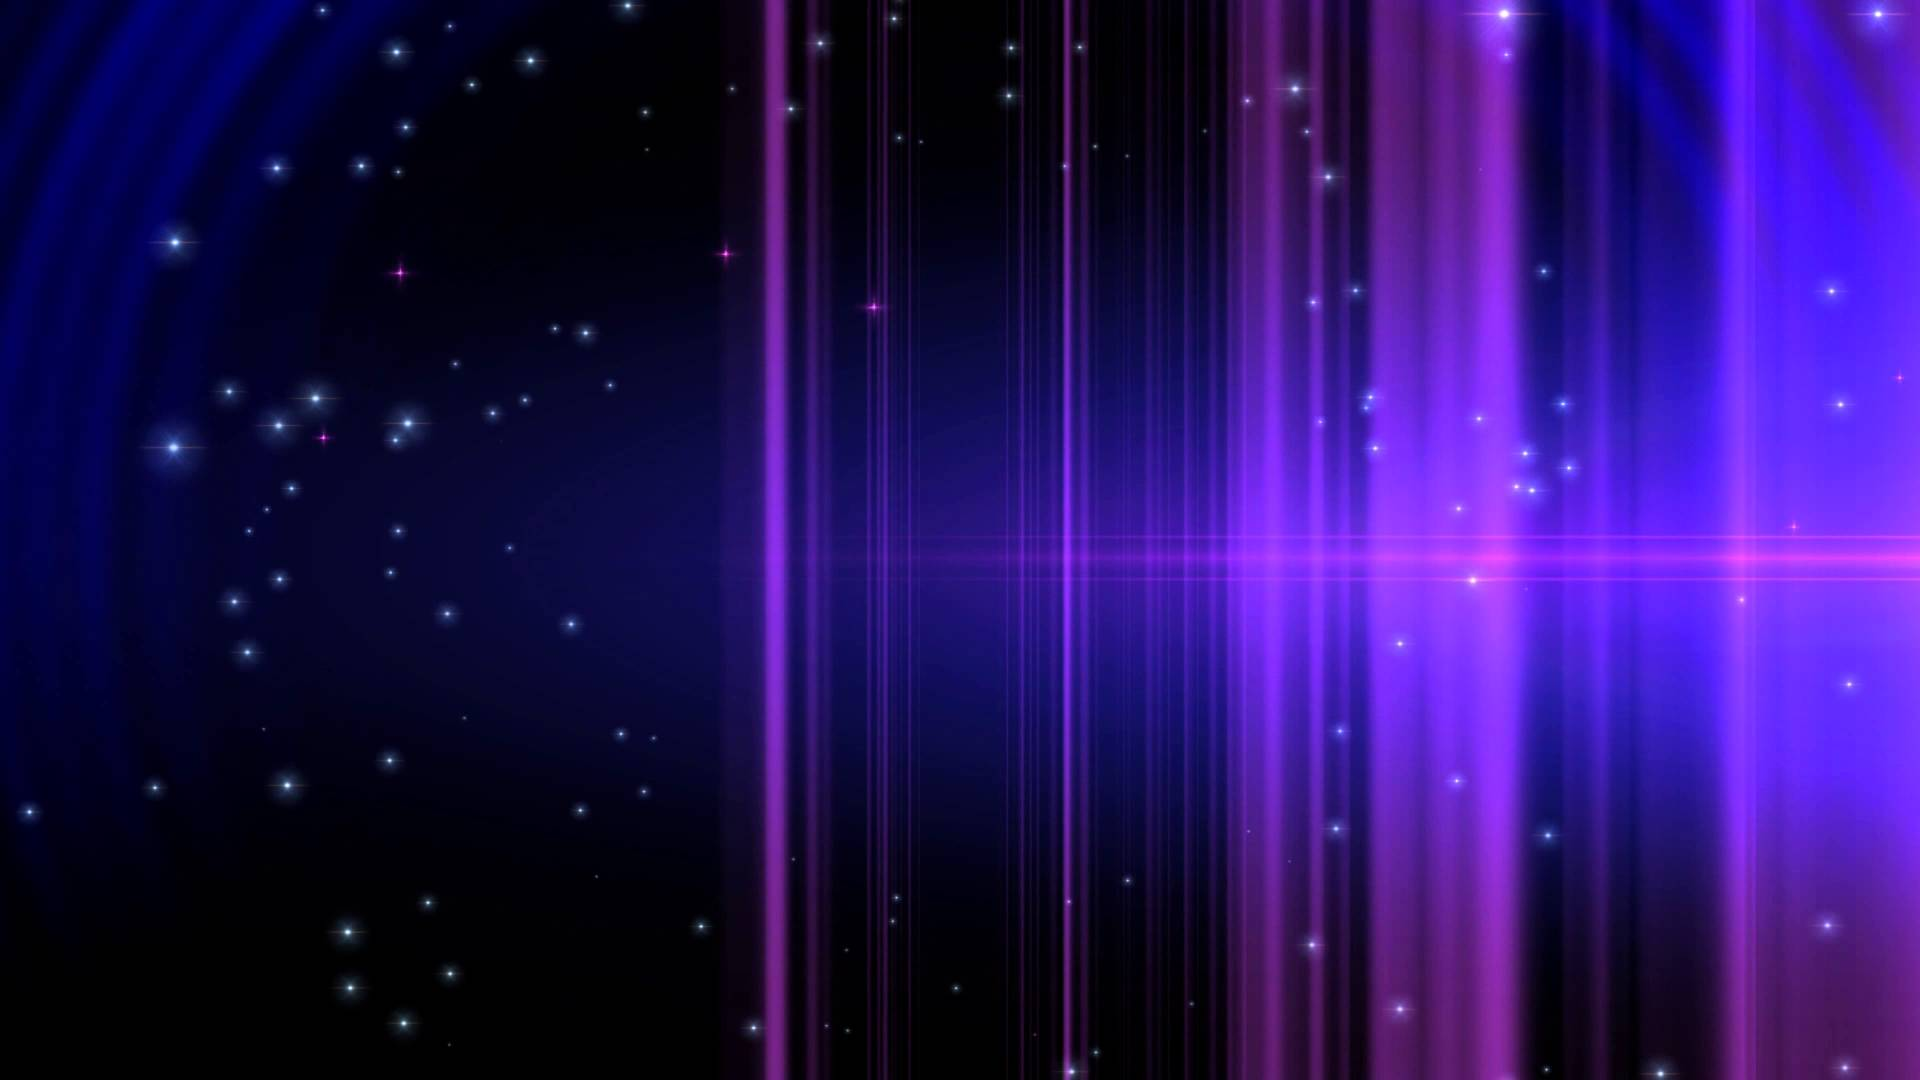 4K Purple Wallpapers - Top Free 4K Purple Backgrounds ...